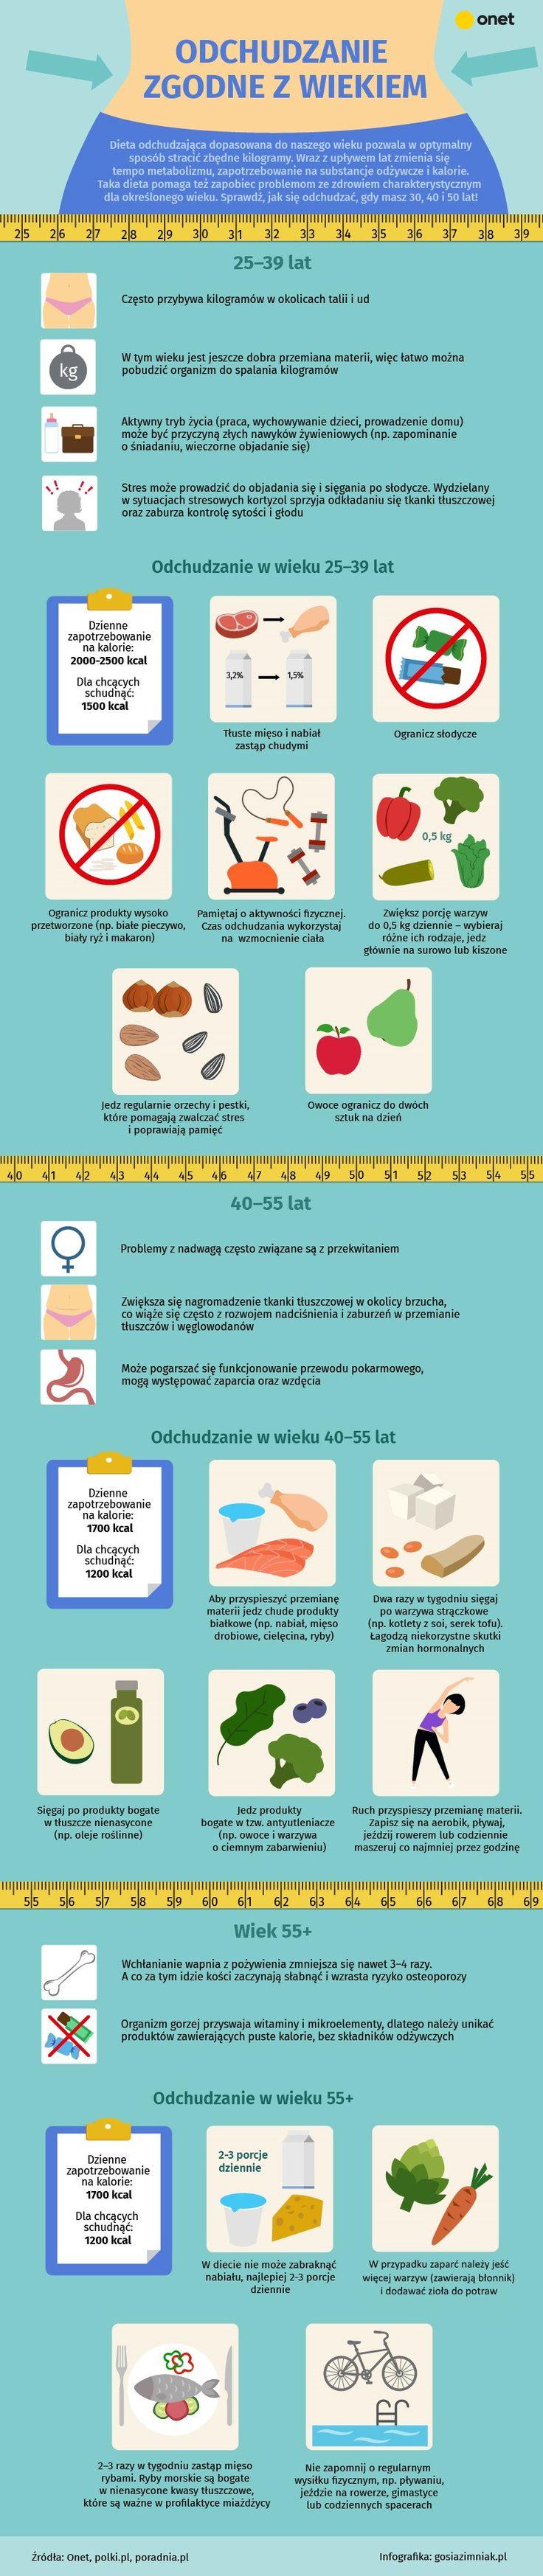 #infografika #odchudzanie #infographic